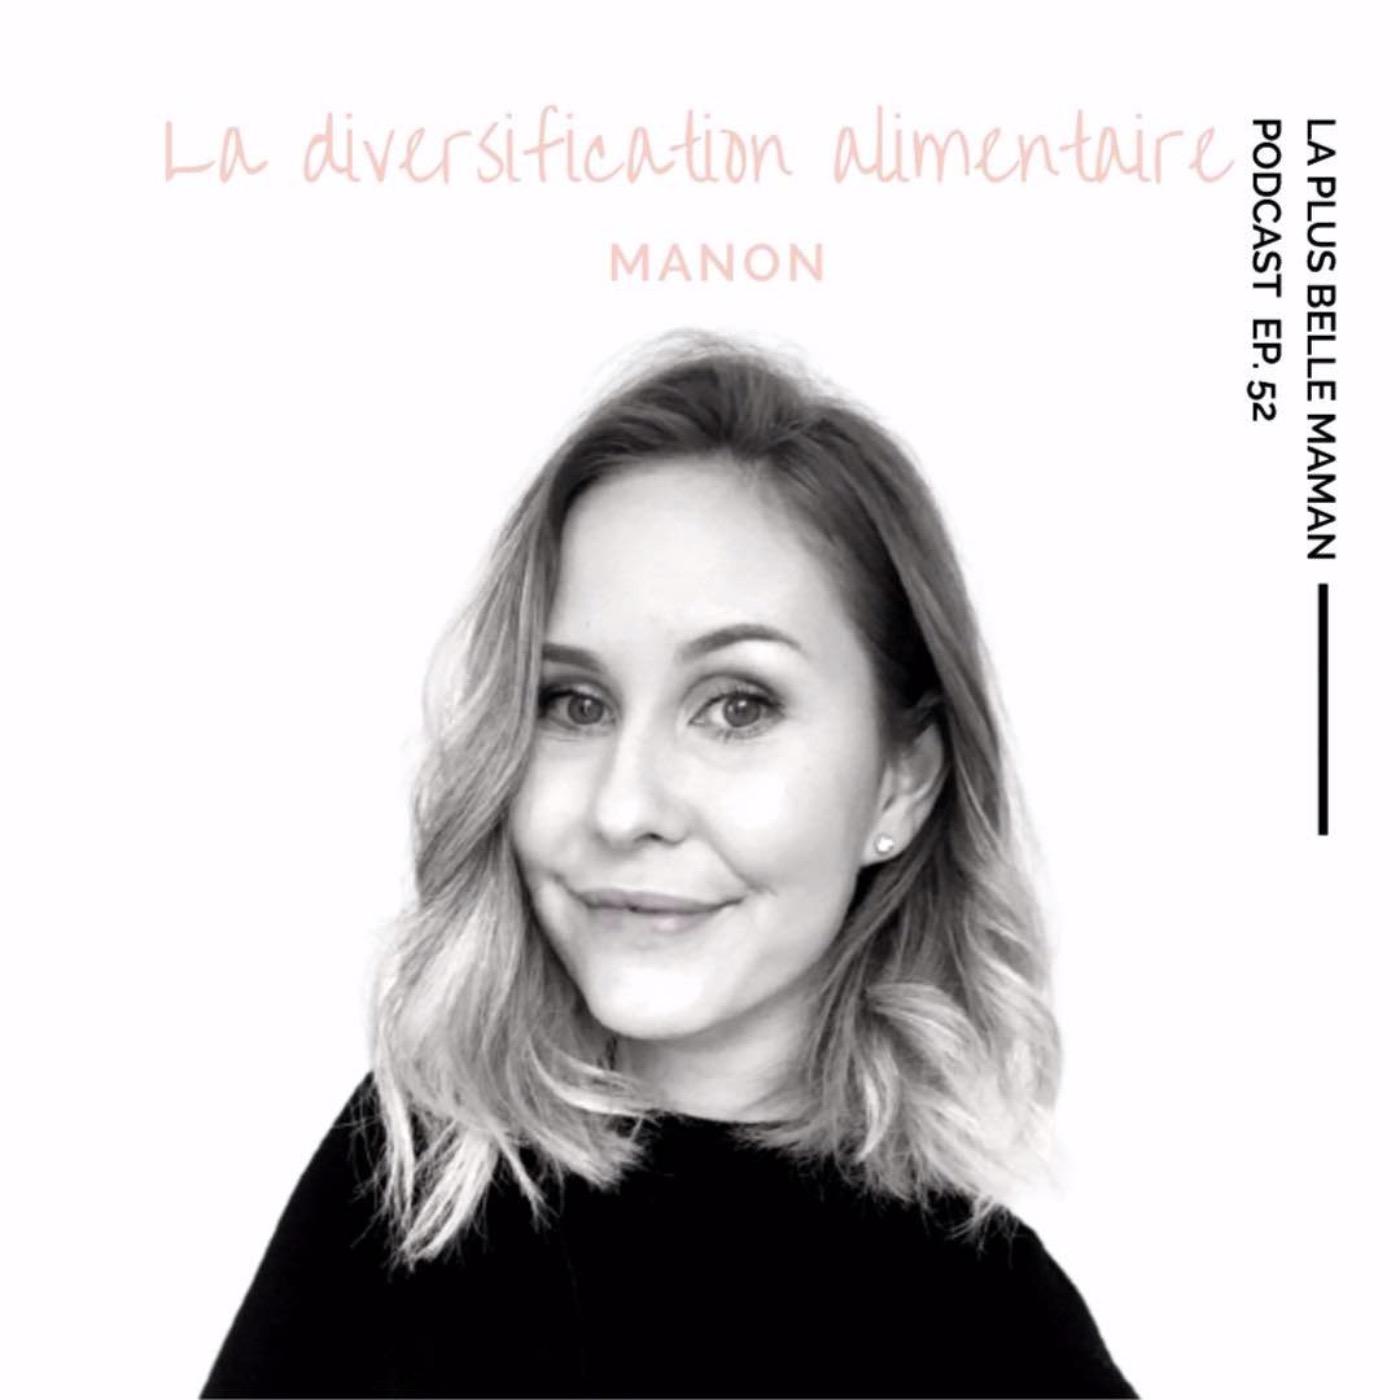 La diversification alimentaire avec Manon du compte @petitpotpetitpois